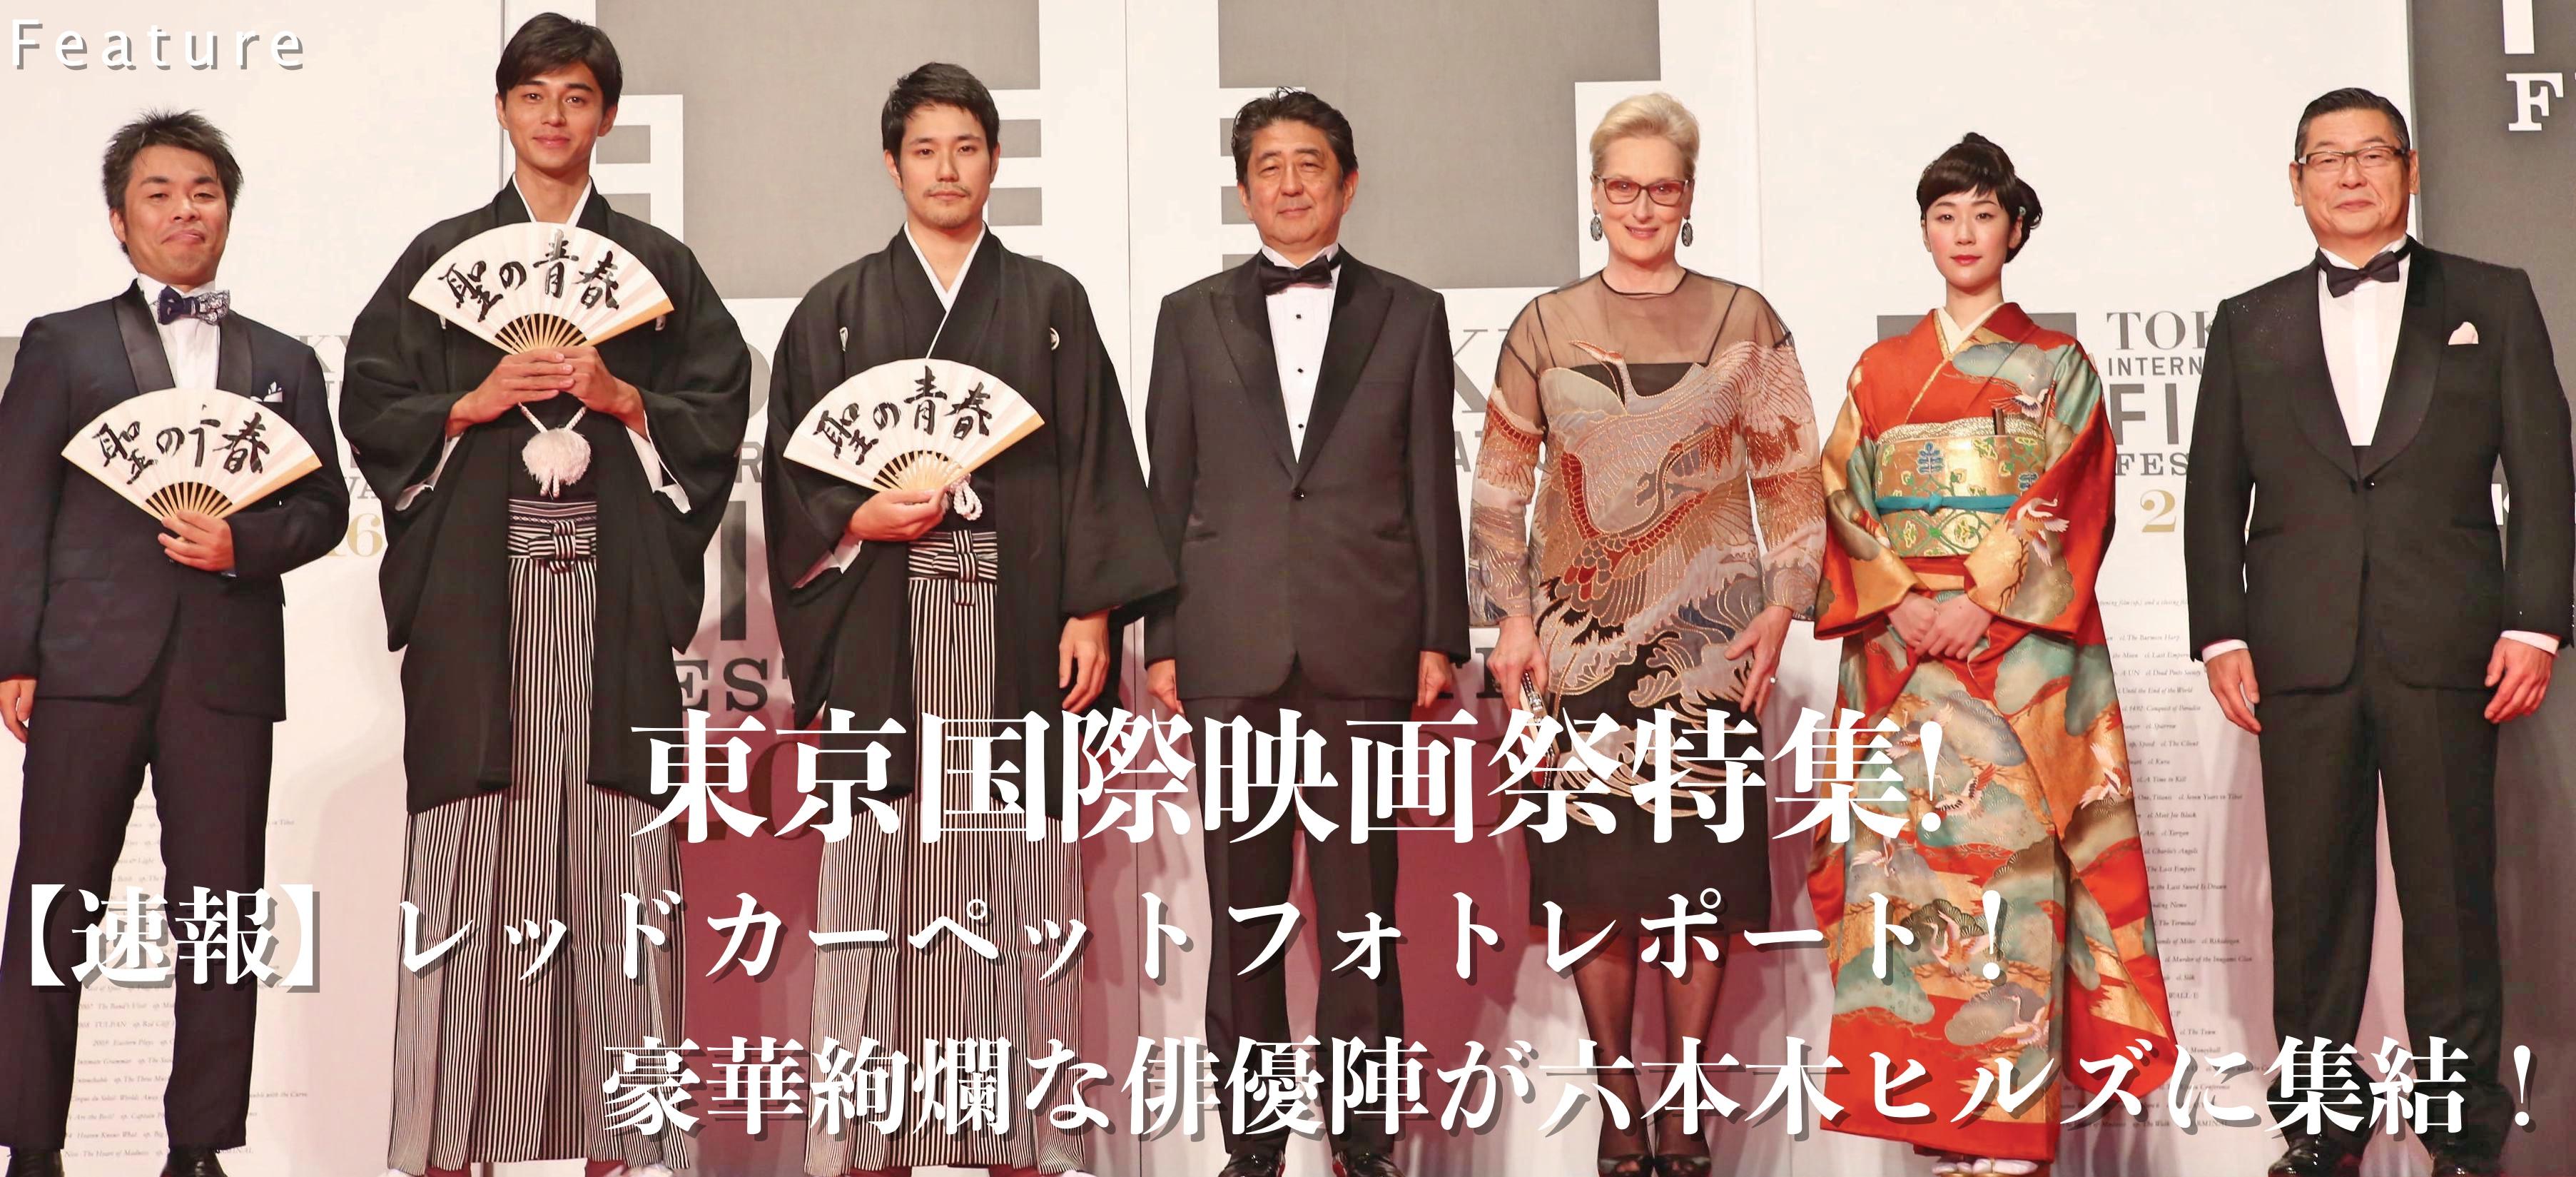 東京国際映画祭特集! 【速報】レッドカーペットフォトレポート!豪華絢爛な俳優陣が六本木に集結!